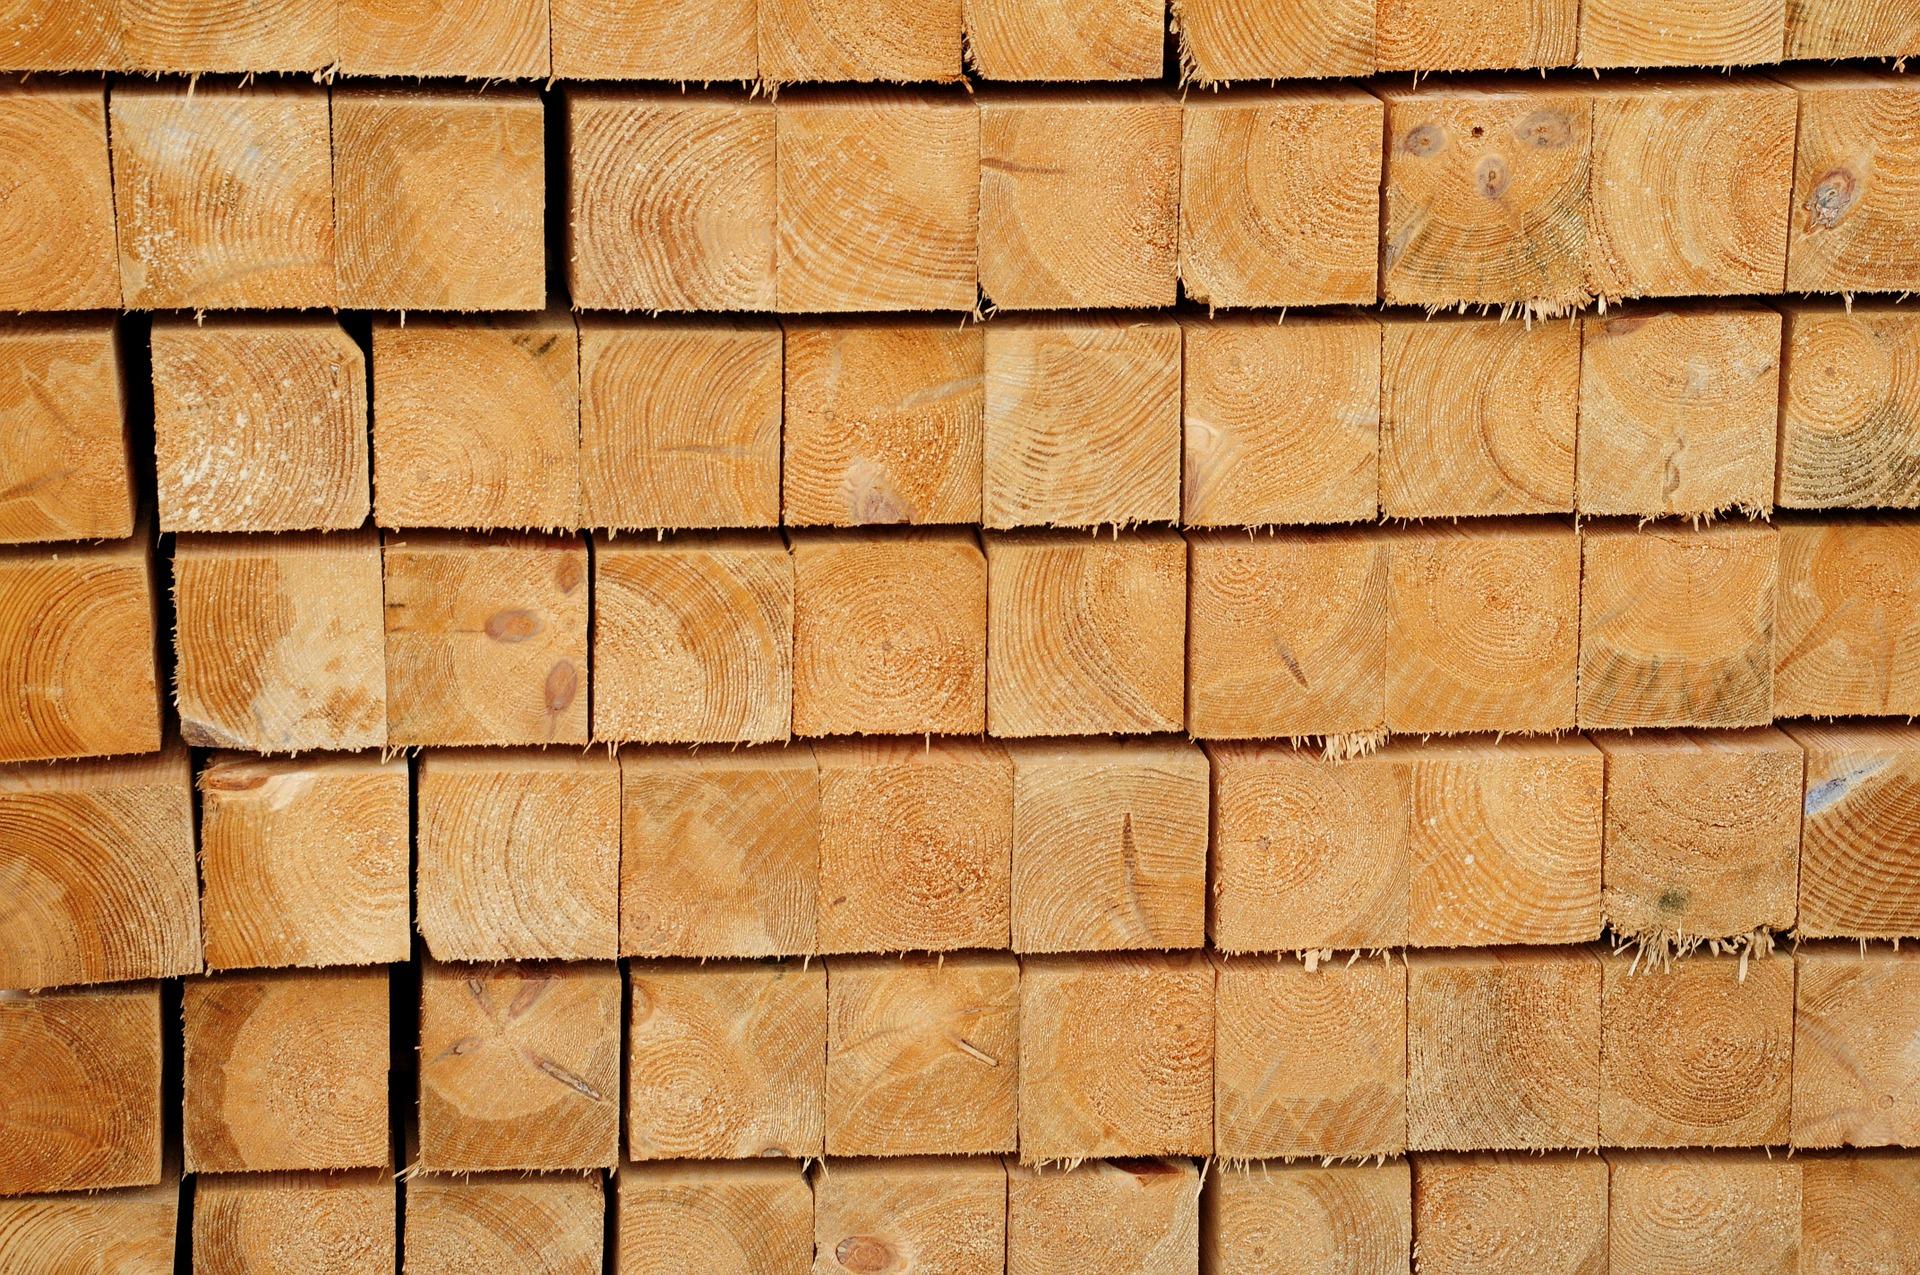 wood-1201436_1920